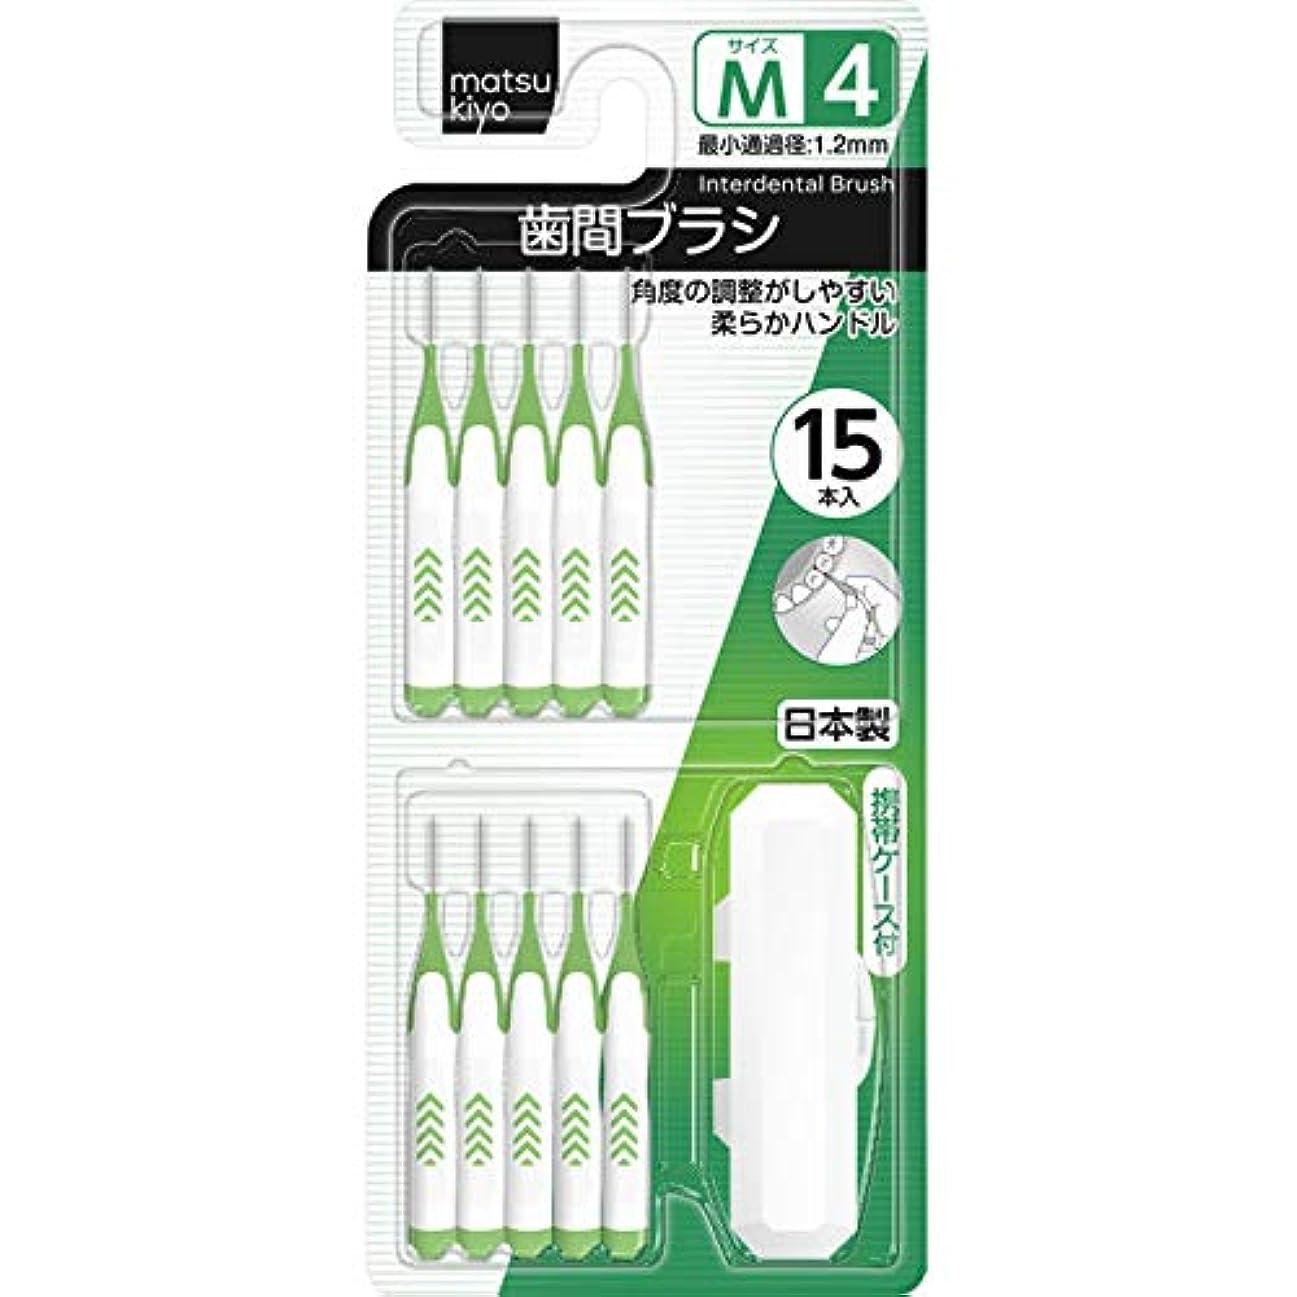 悪化させる速度ディレクター毅?インエグゼサプライ matsukiyo 歯間ブラシ サイズ4(M) 15本